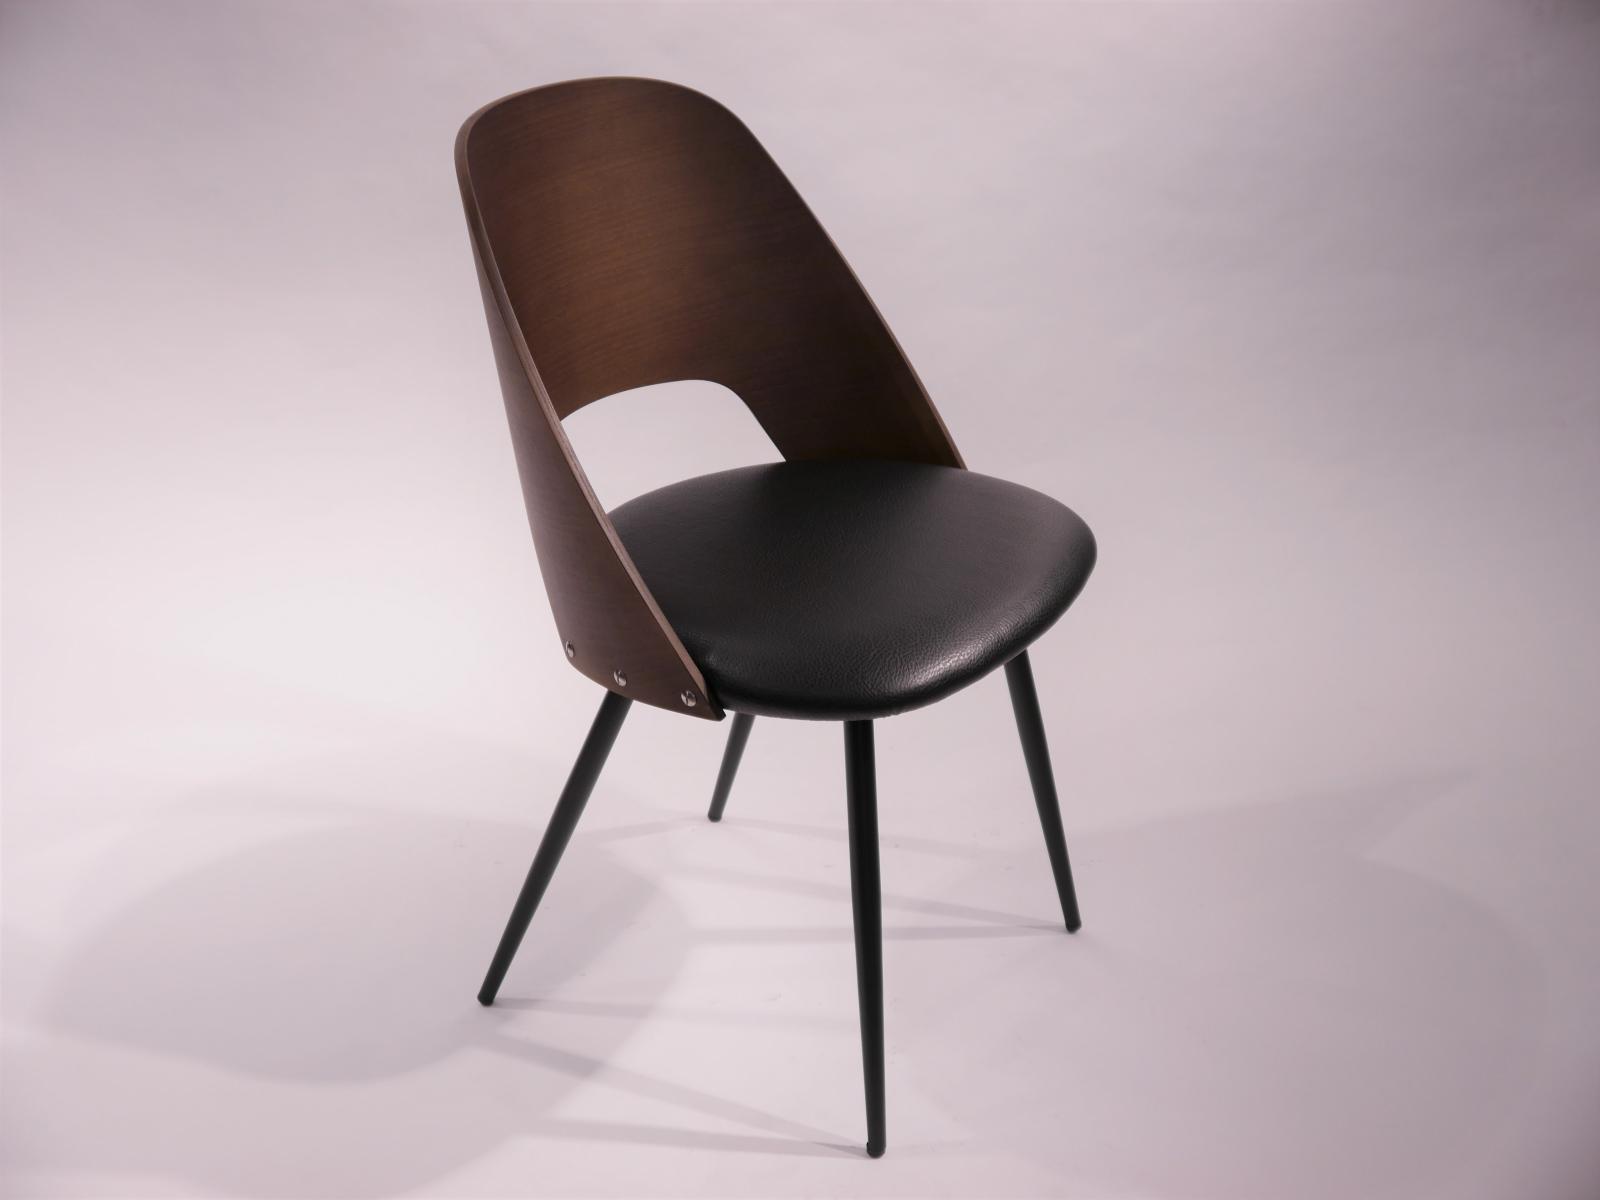 Silla Binoche asiento tapizado y respaldo madera acabado nogal